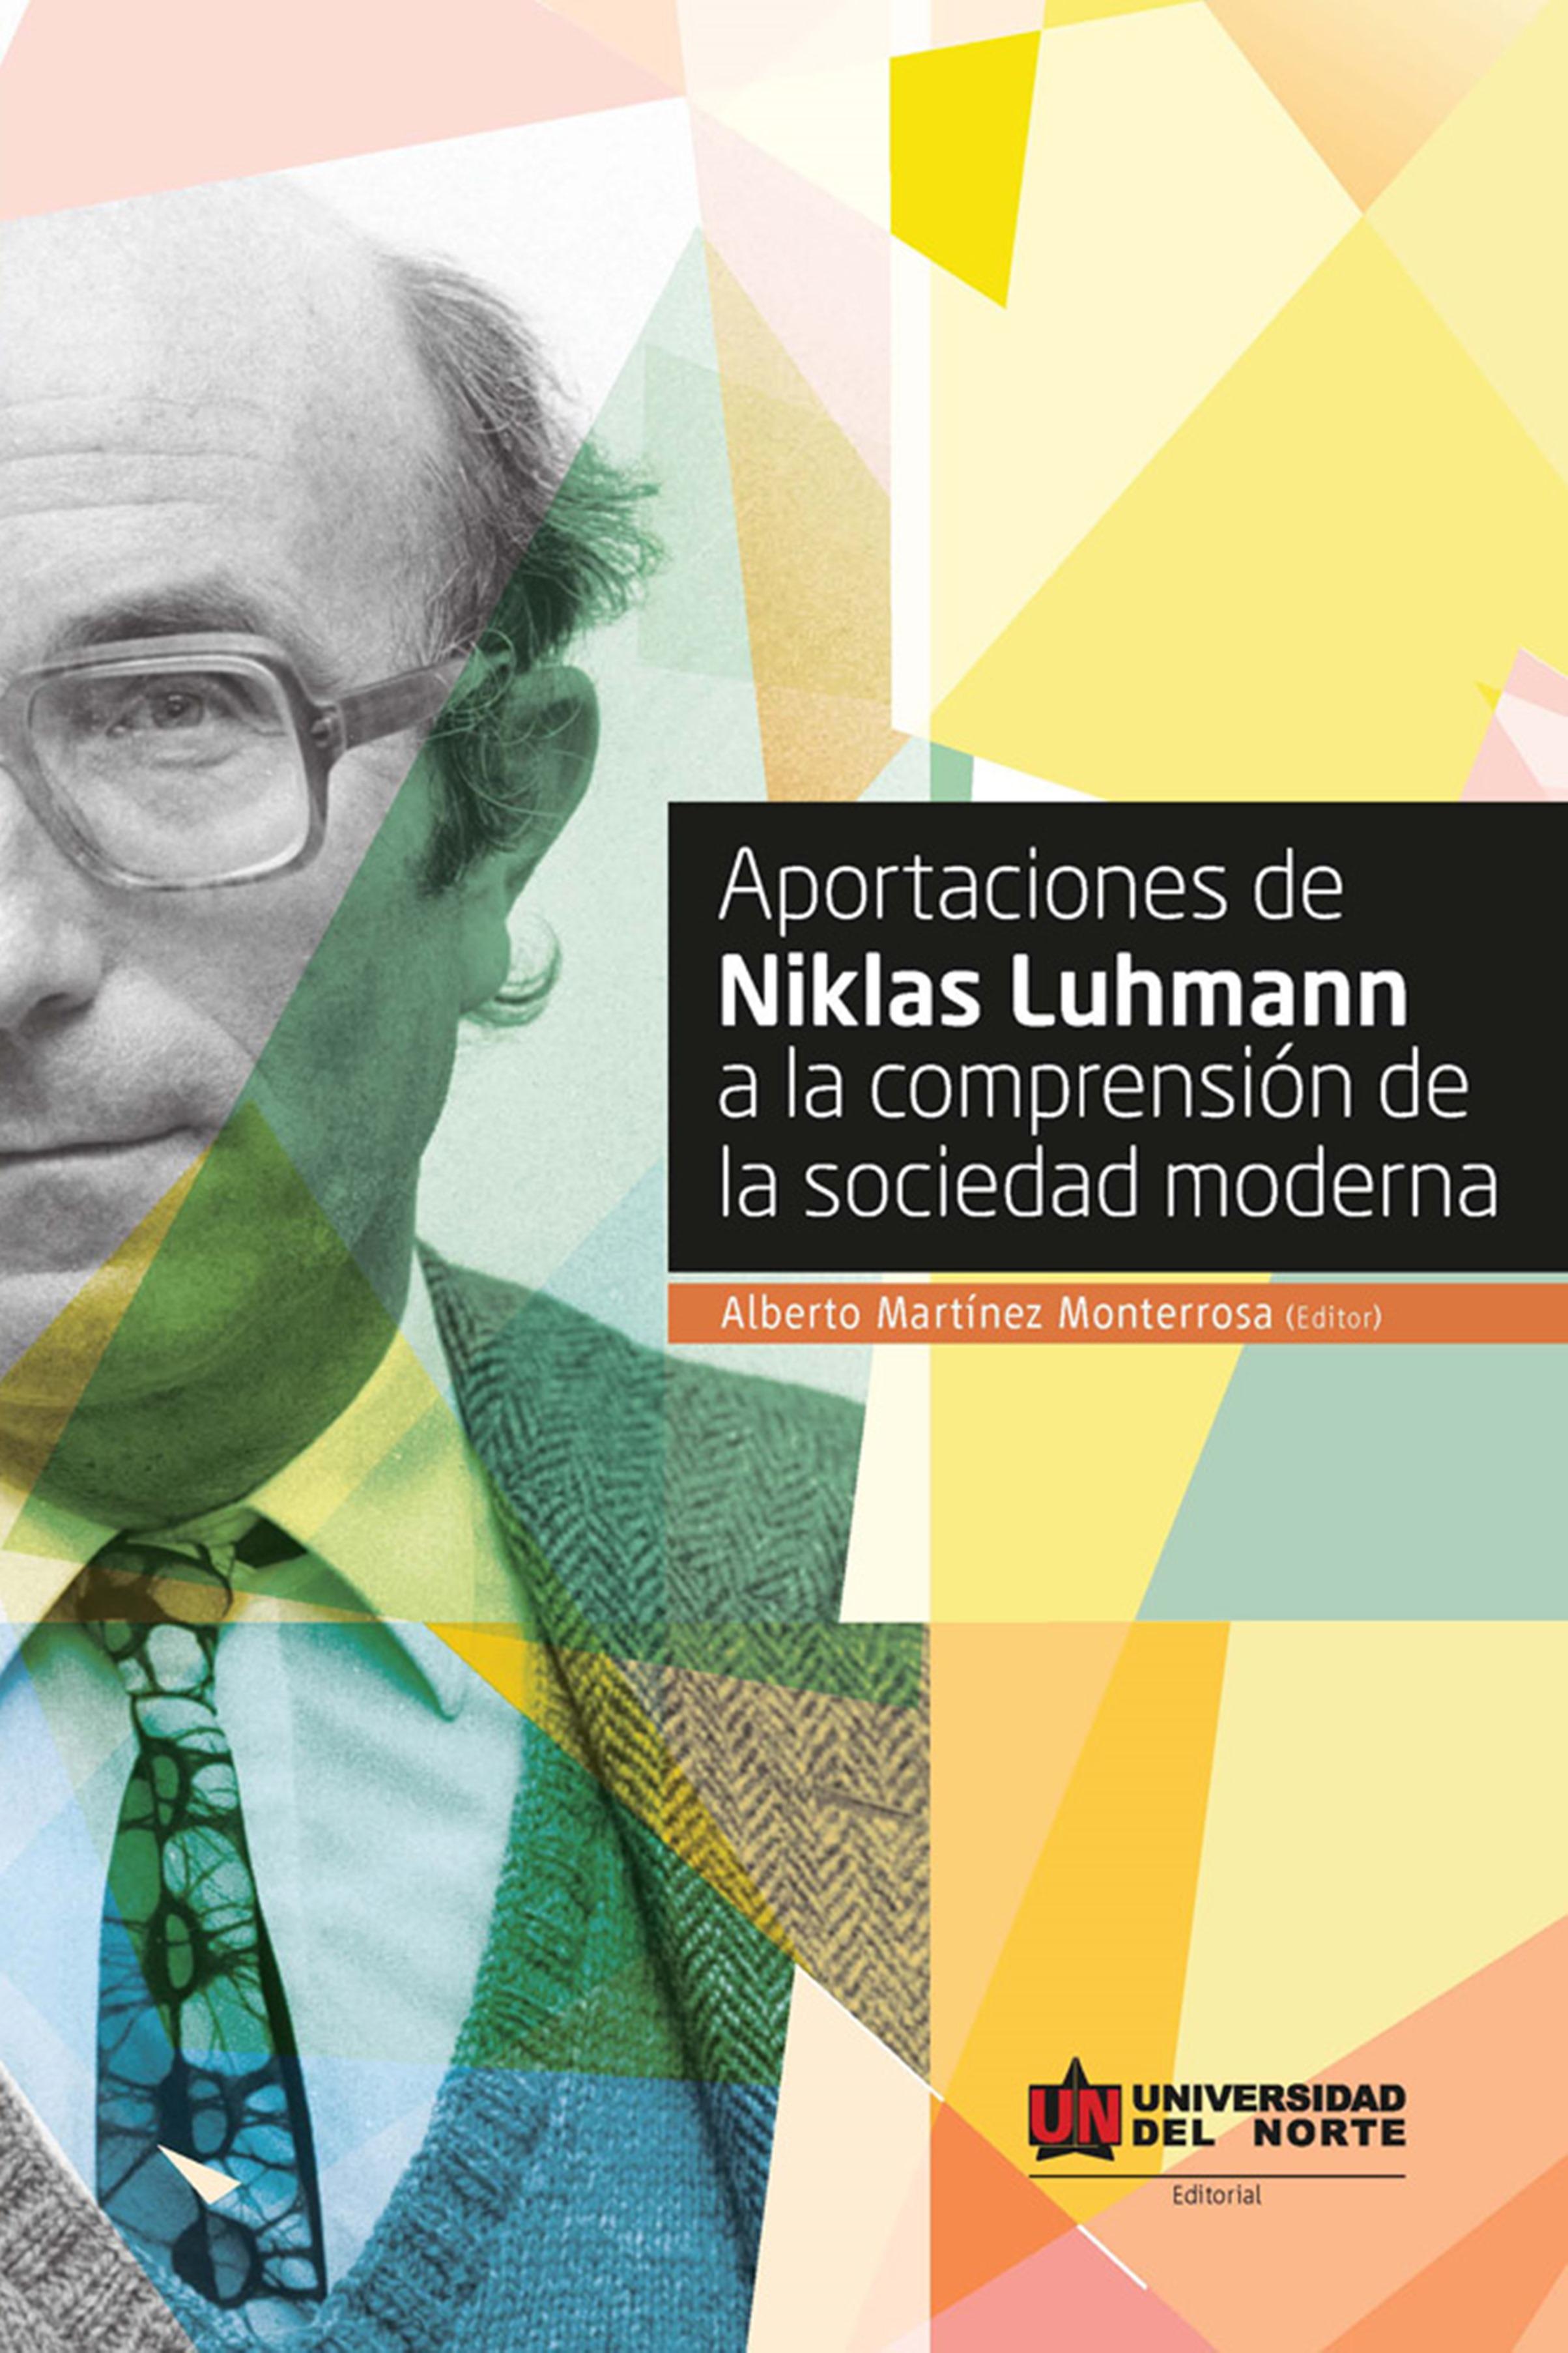 цена на Alberto Martínez Monterrosa Aportaciones de Niklas Luhmann a la comprensión de la sociedad moderna